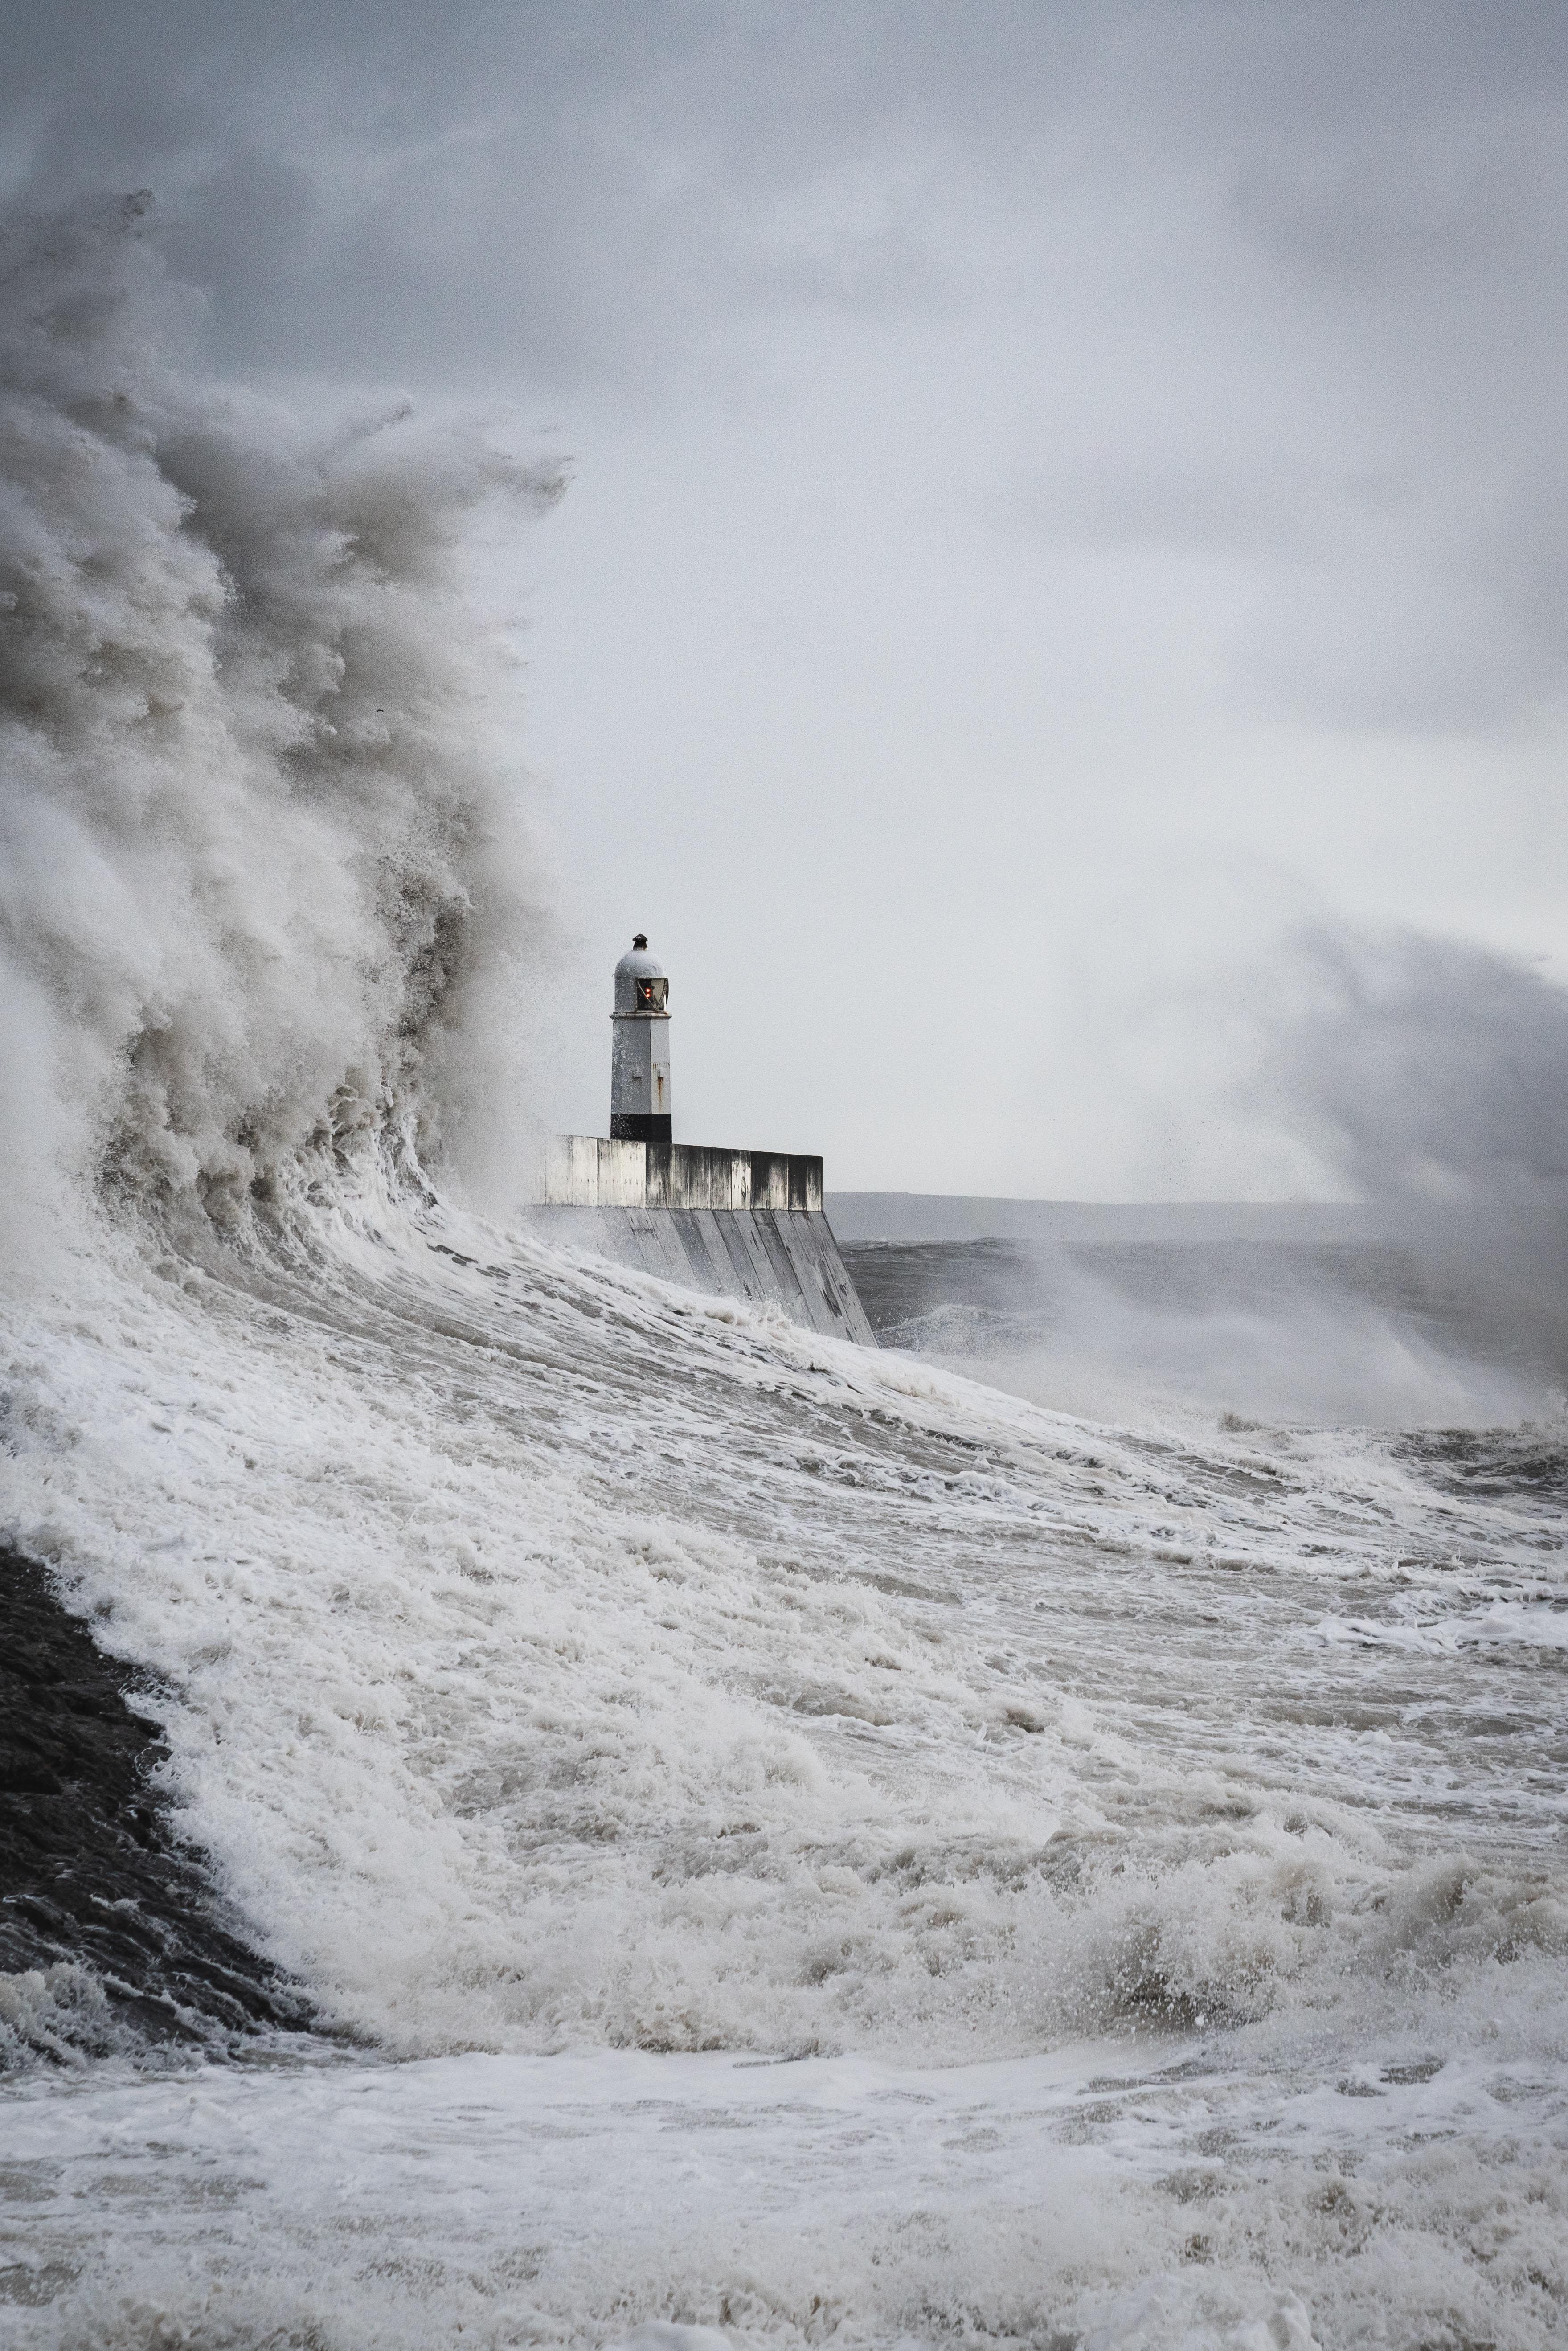 137939 скачать обои Море, Волны, Разное, Брызги, Маяк, Шторм - заставки и картинки бесплатно